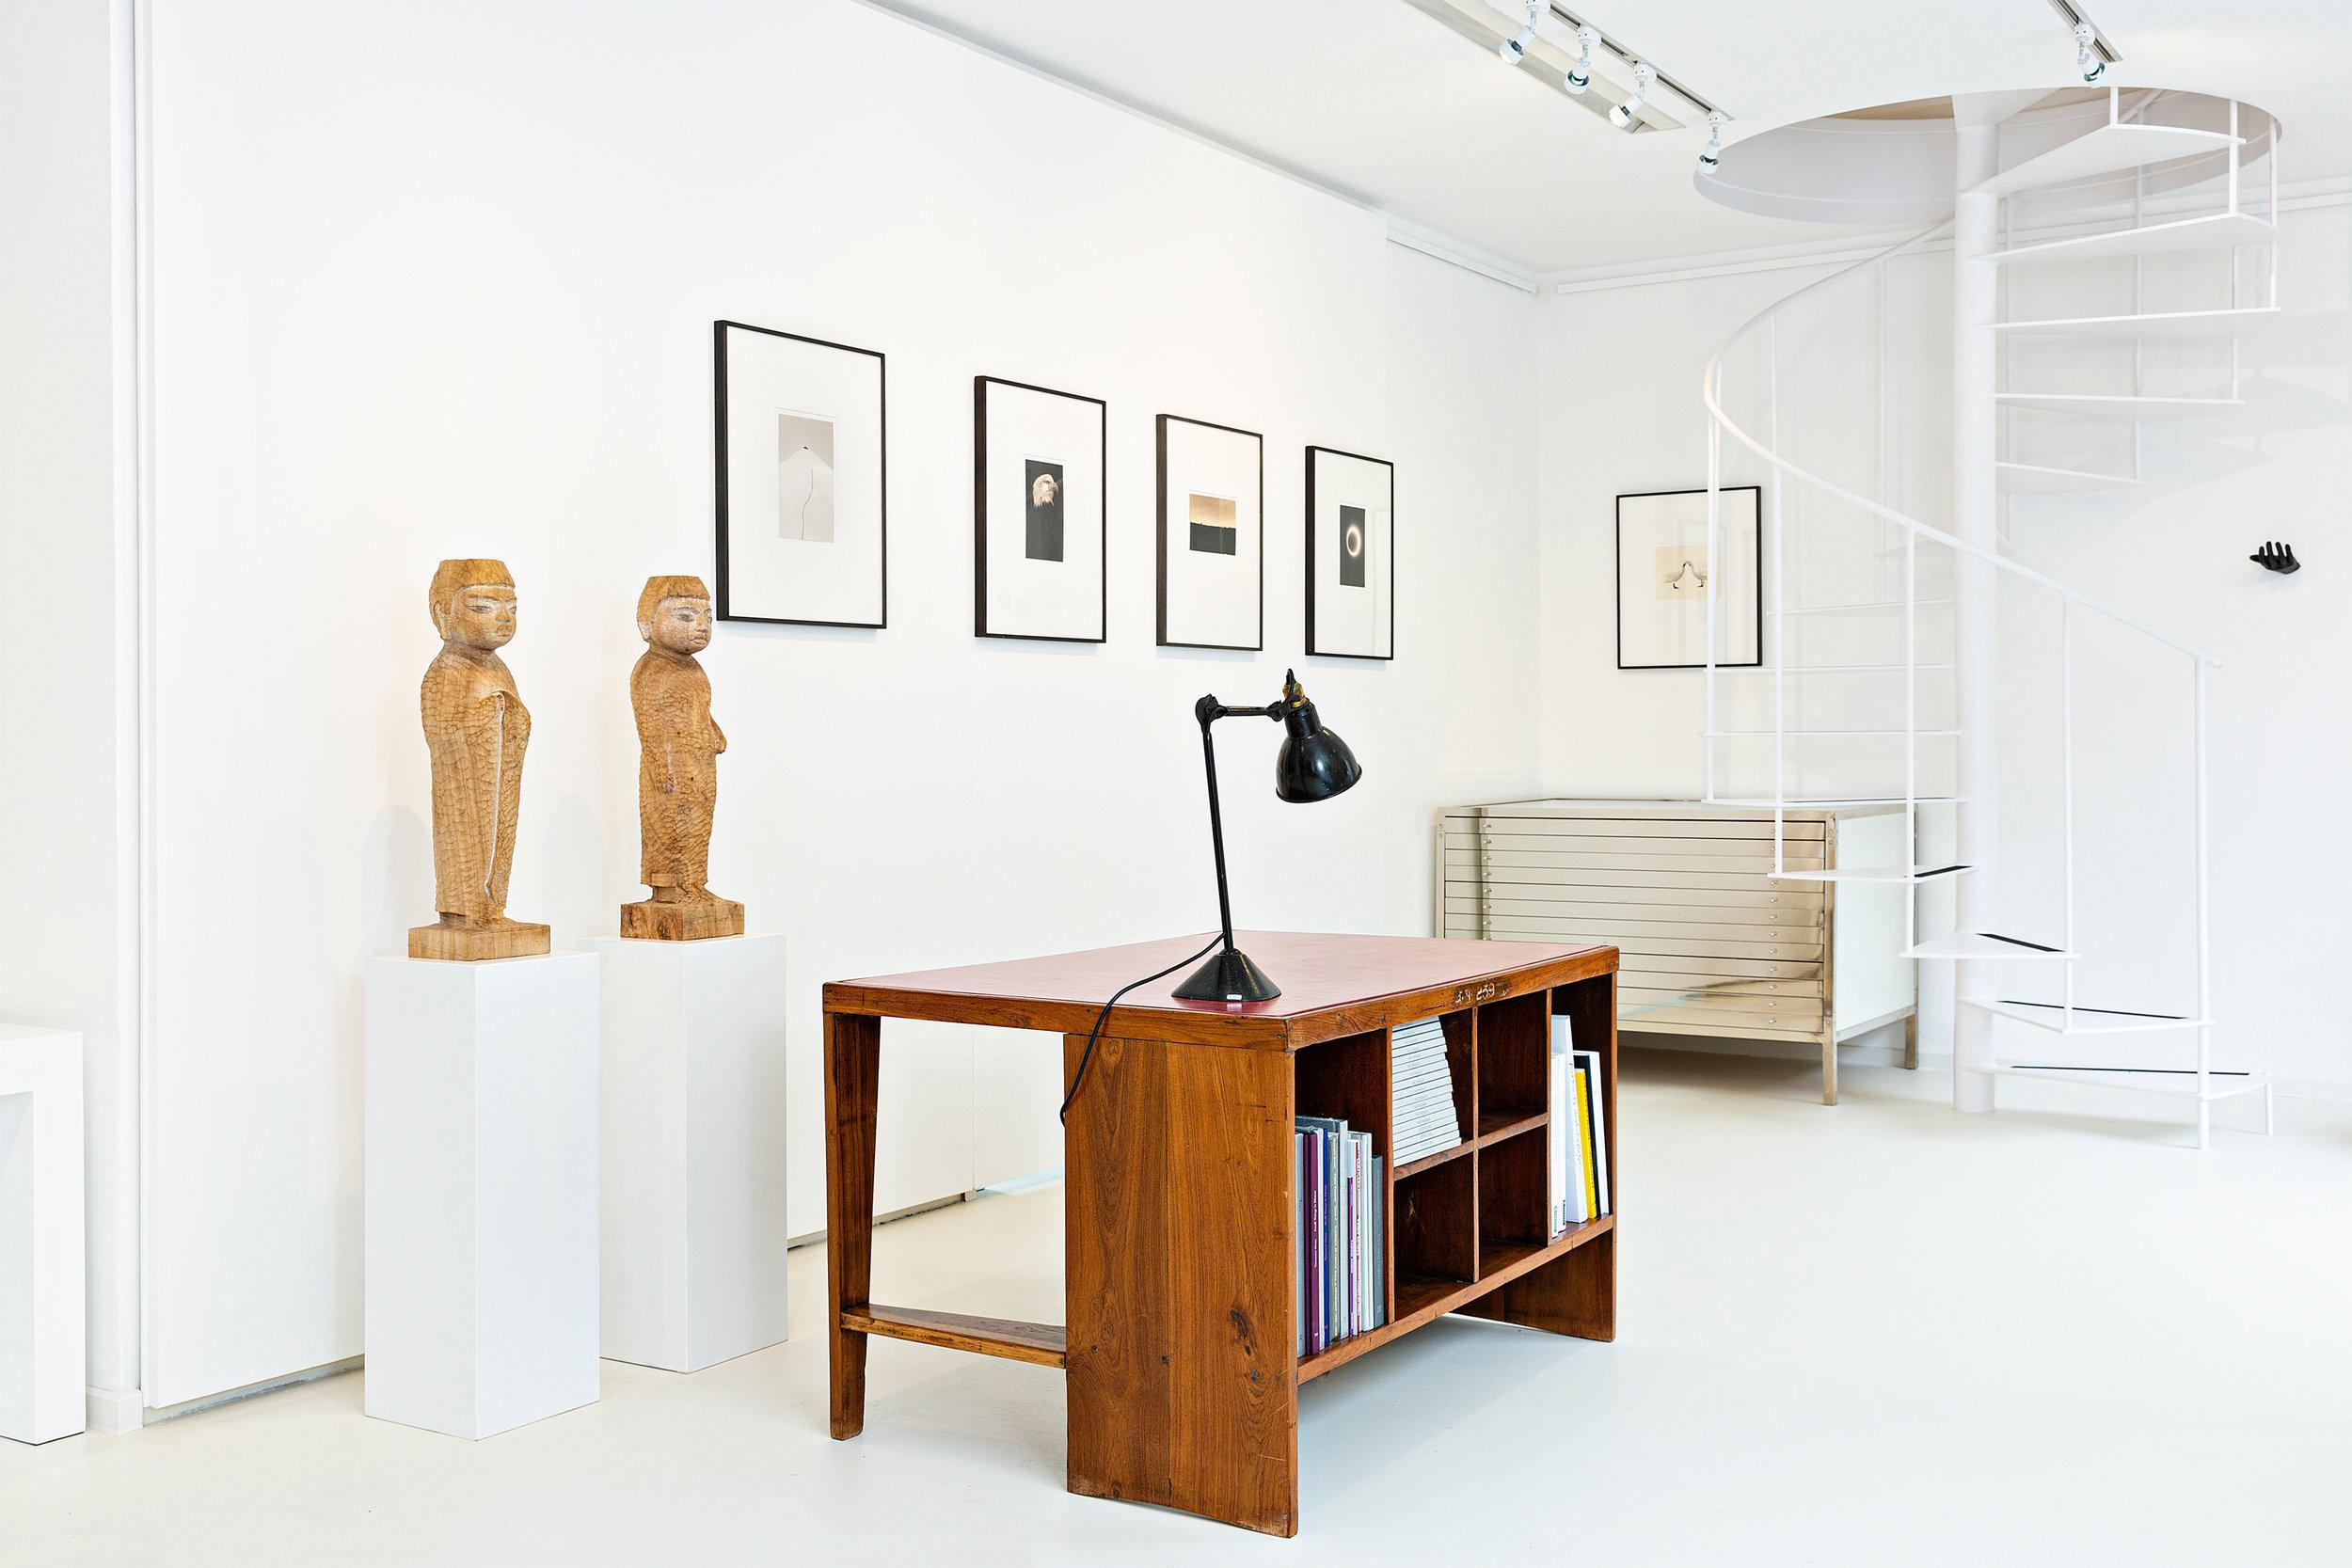 Innenansicht der der Galerie mit Design von Pierre Jeanneret und Kunst von Yamamoto Masao und Matsukuni Takimoto, Foto Francesco Giordano, 2019